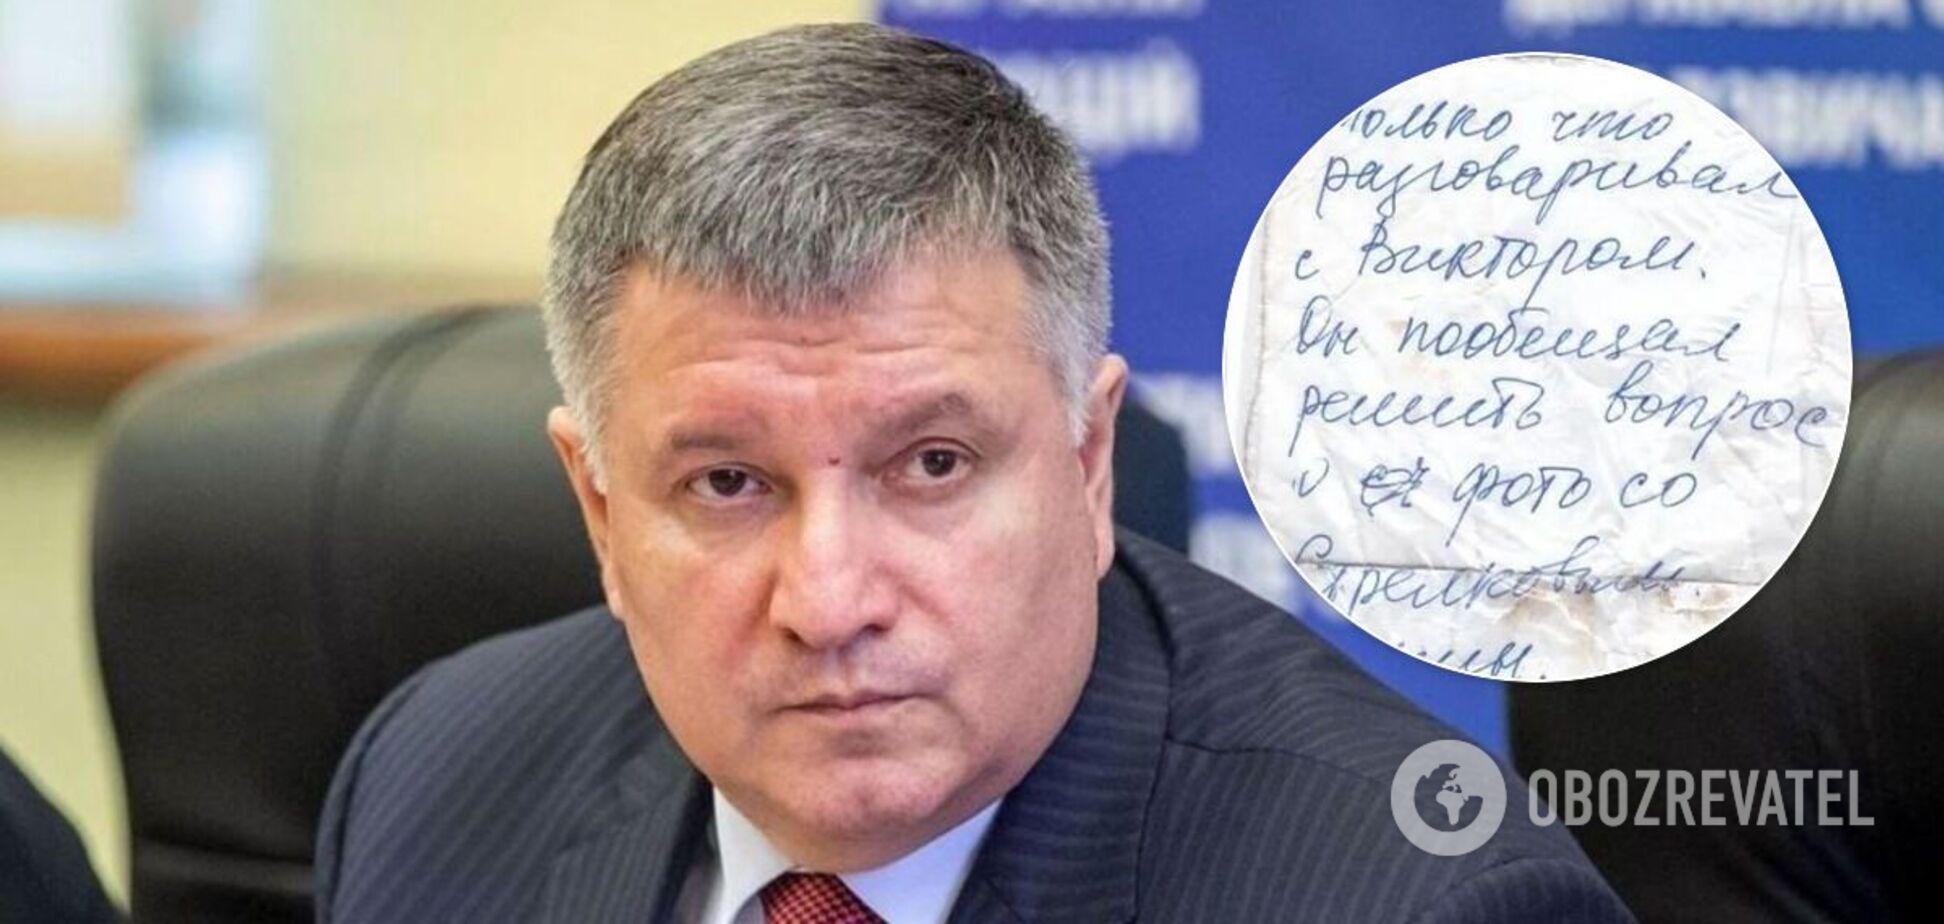 Аваков раскрыл детали о секретной записке от Гиркина в деле Маркива